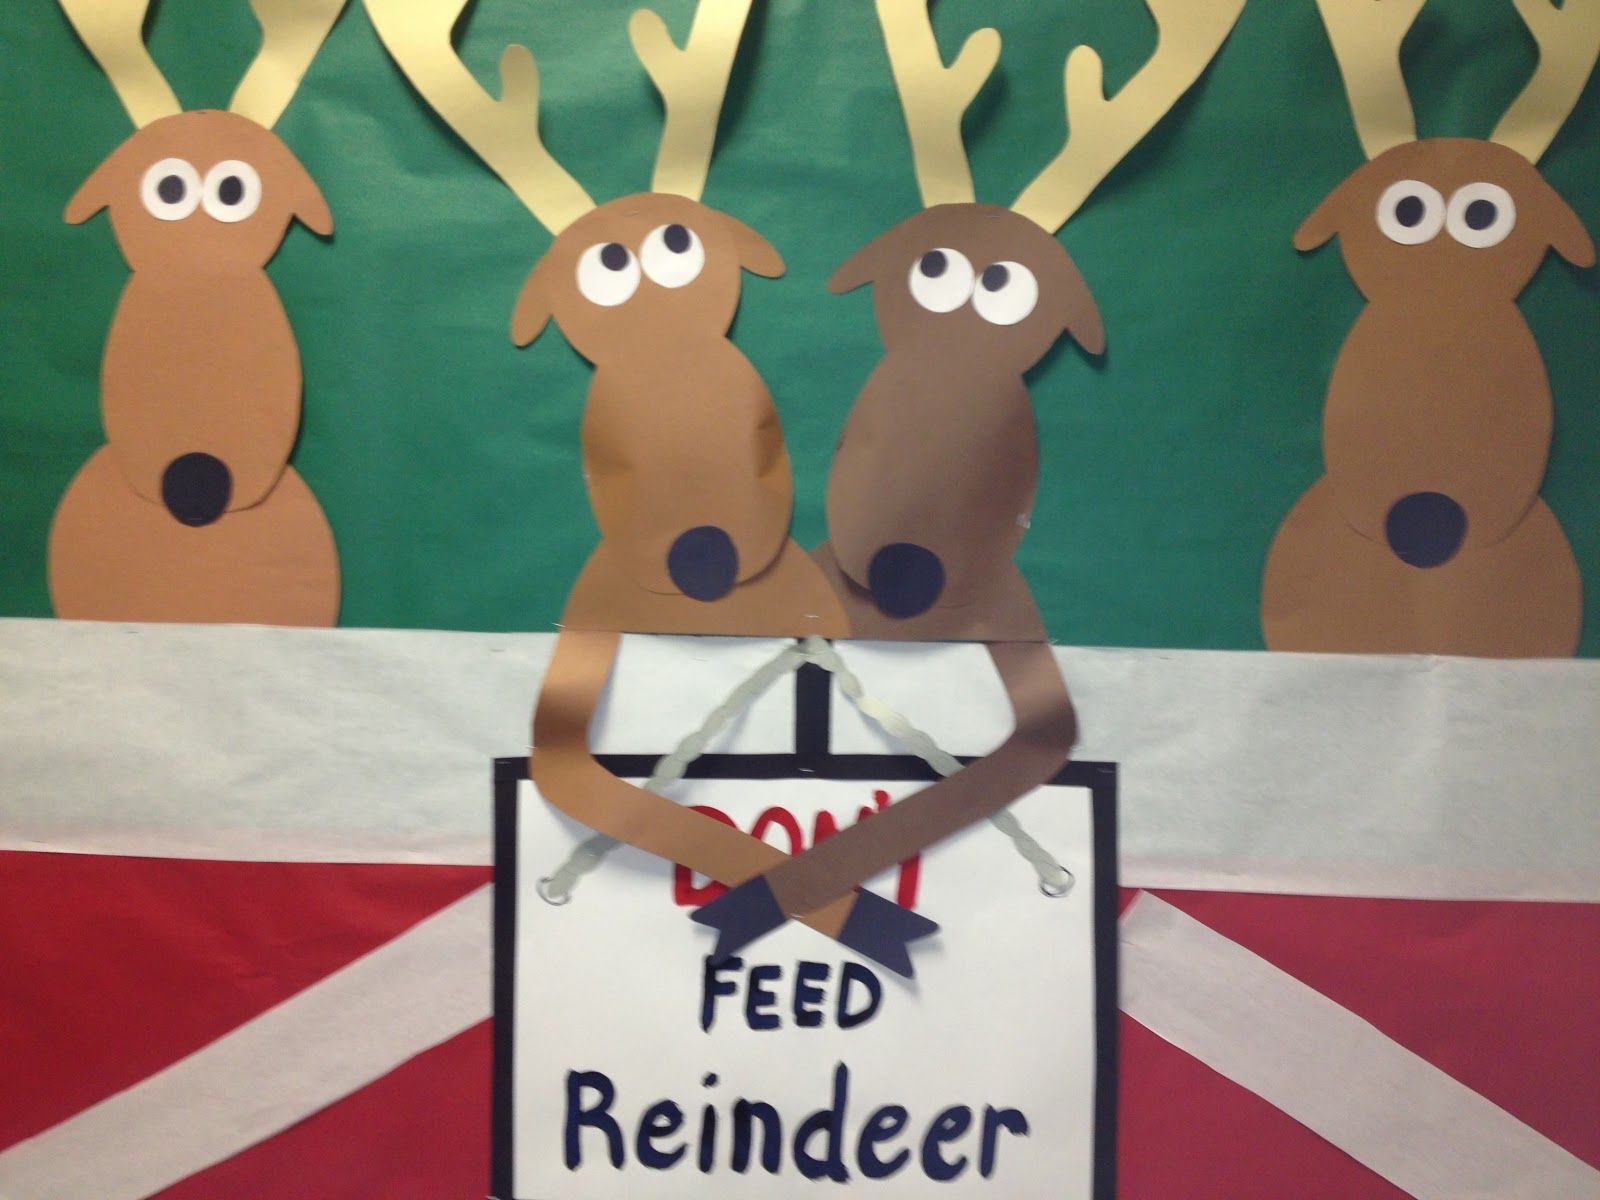 Winter bulletin boards ideas pinterest - The Centered School Library Winter Bulletin Board Ideas Main Board